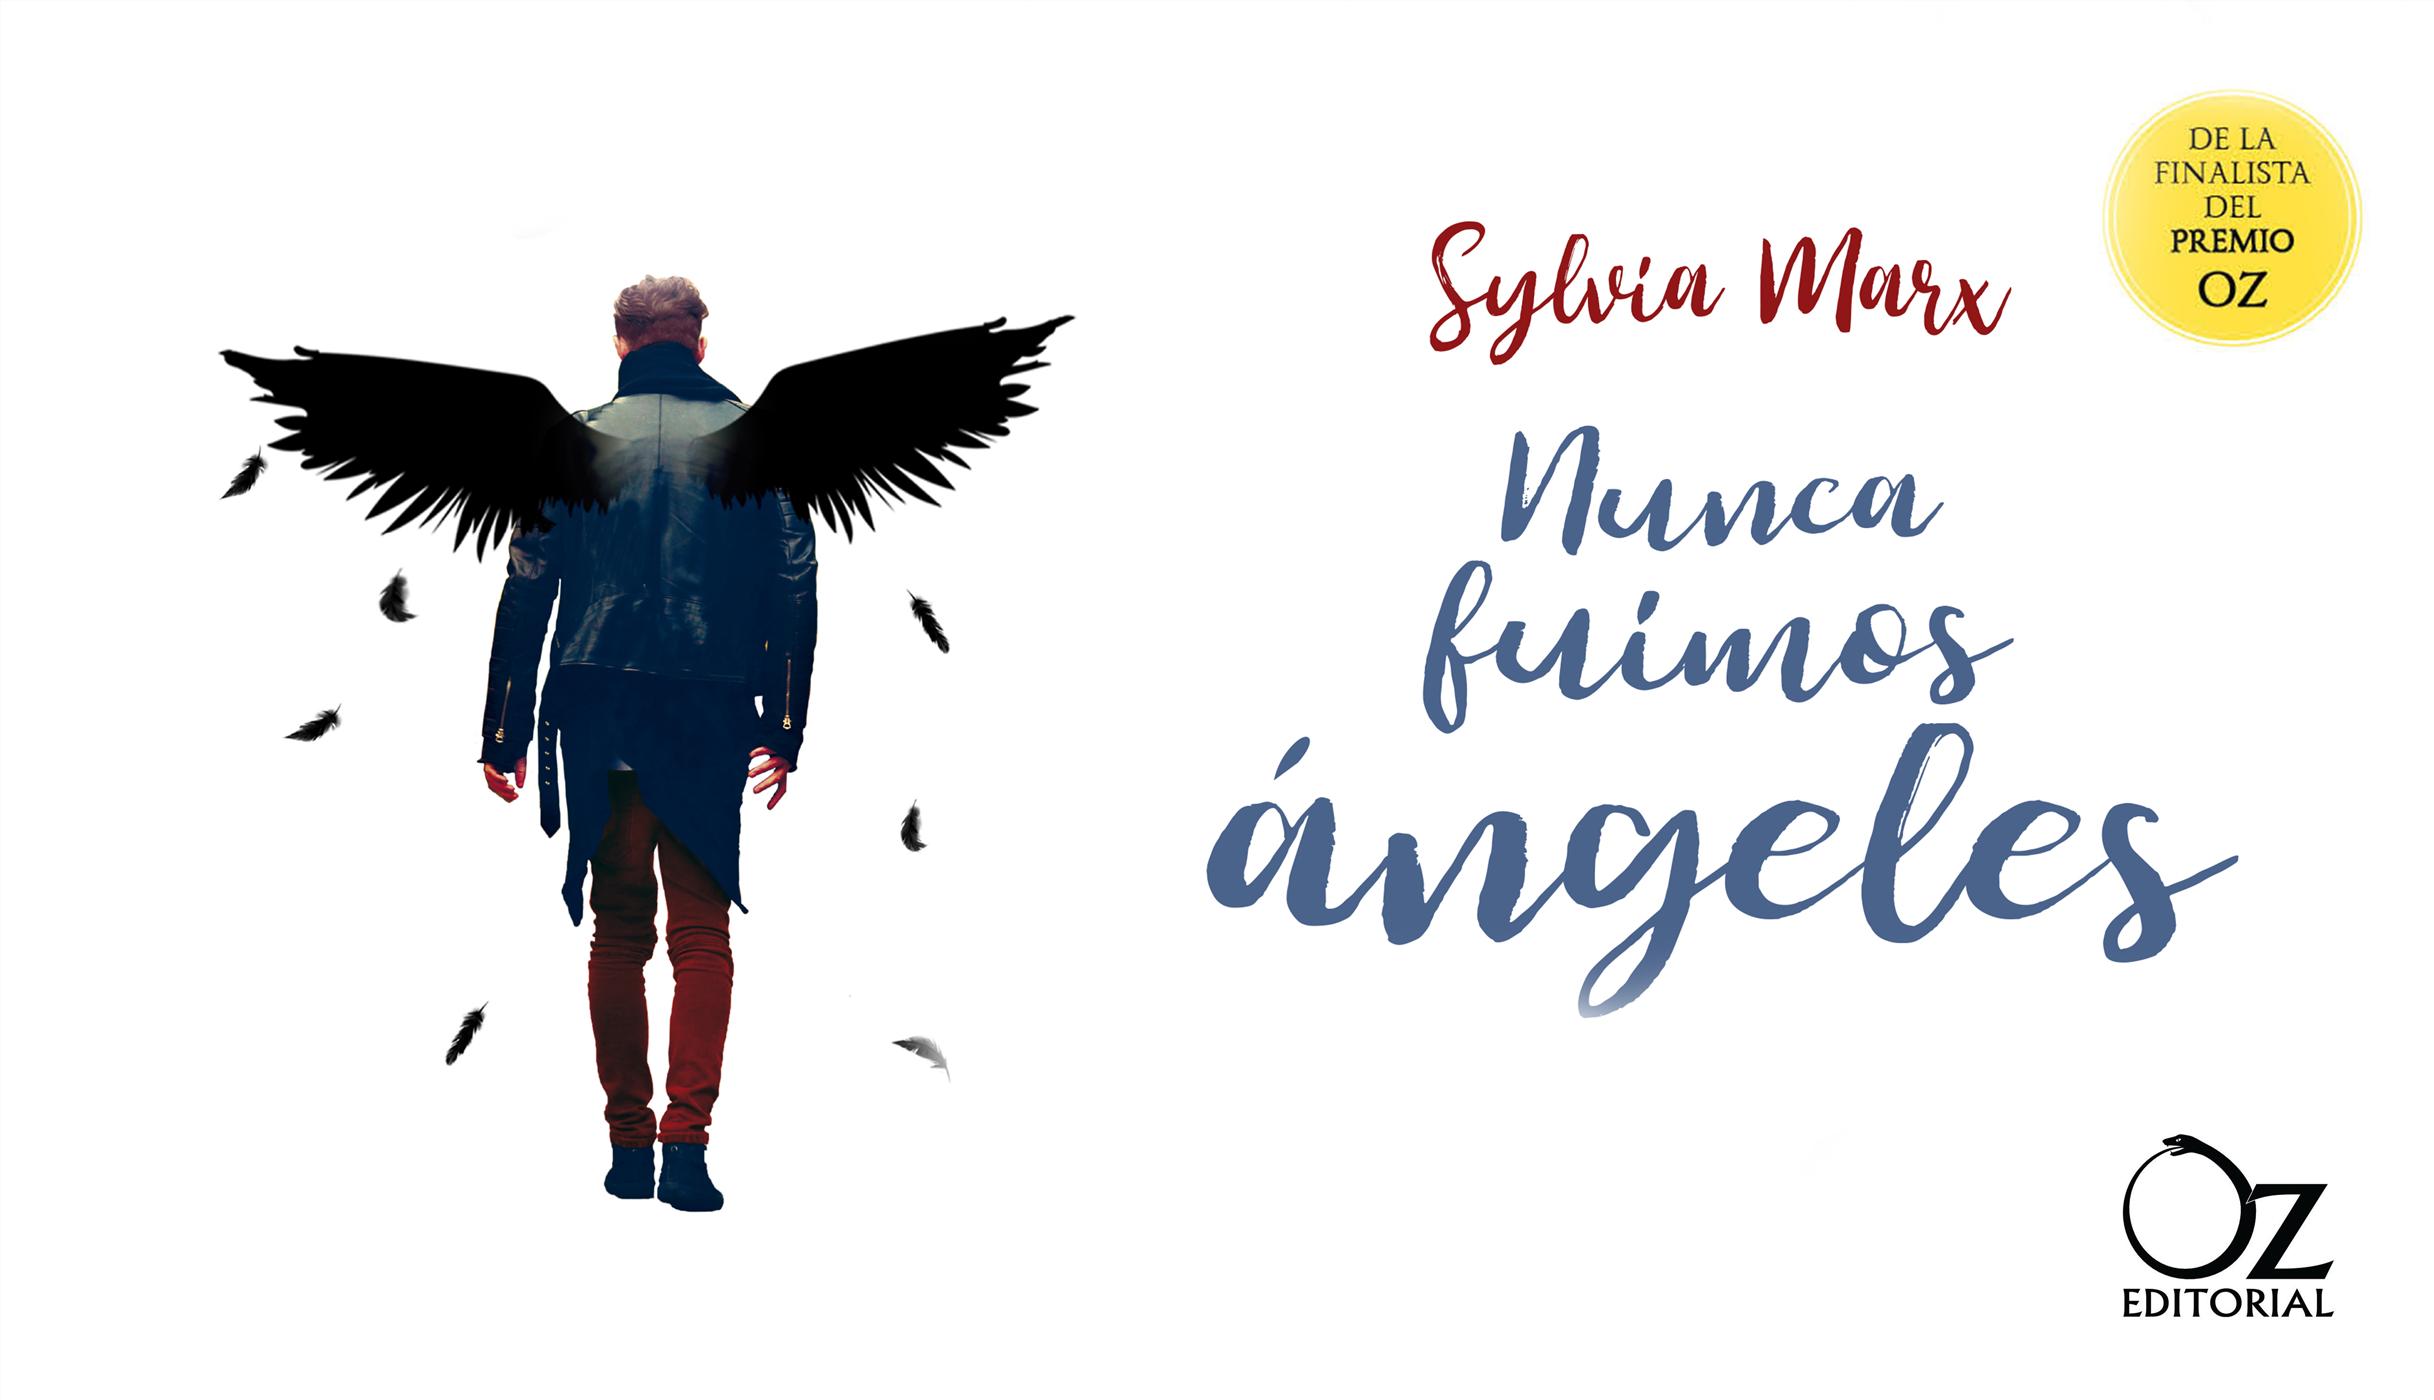 Nunca fuimos ángeles